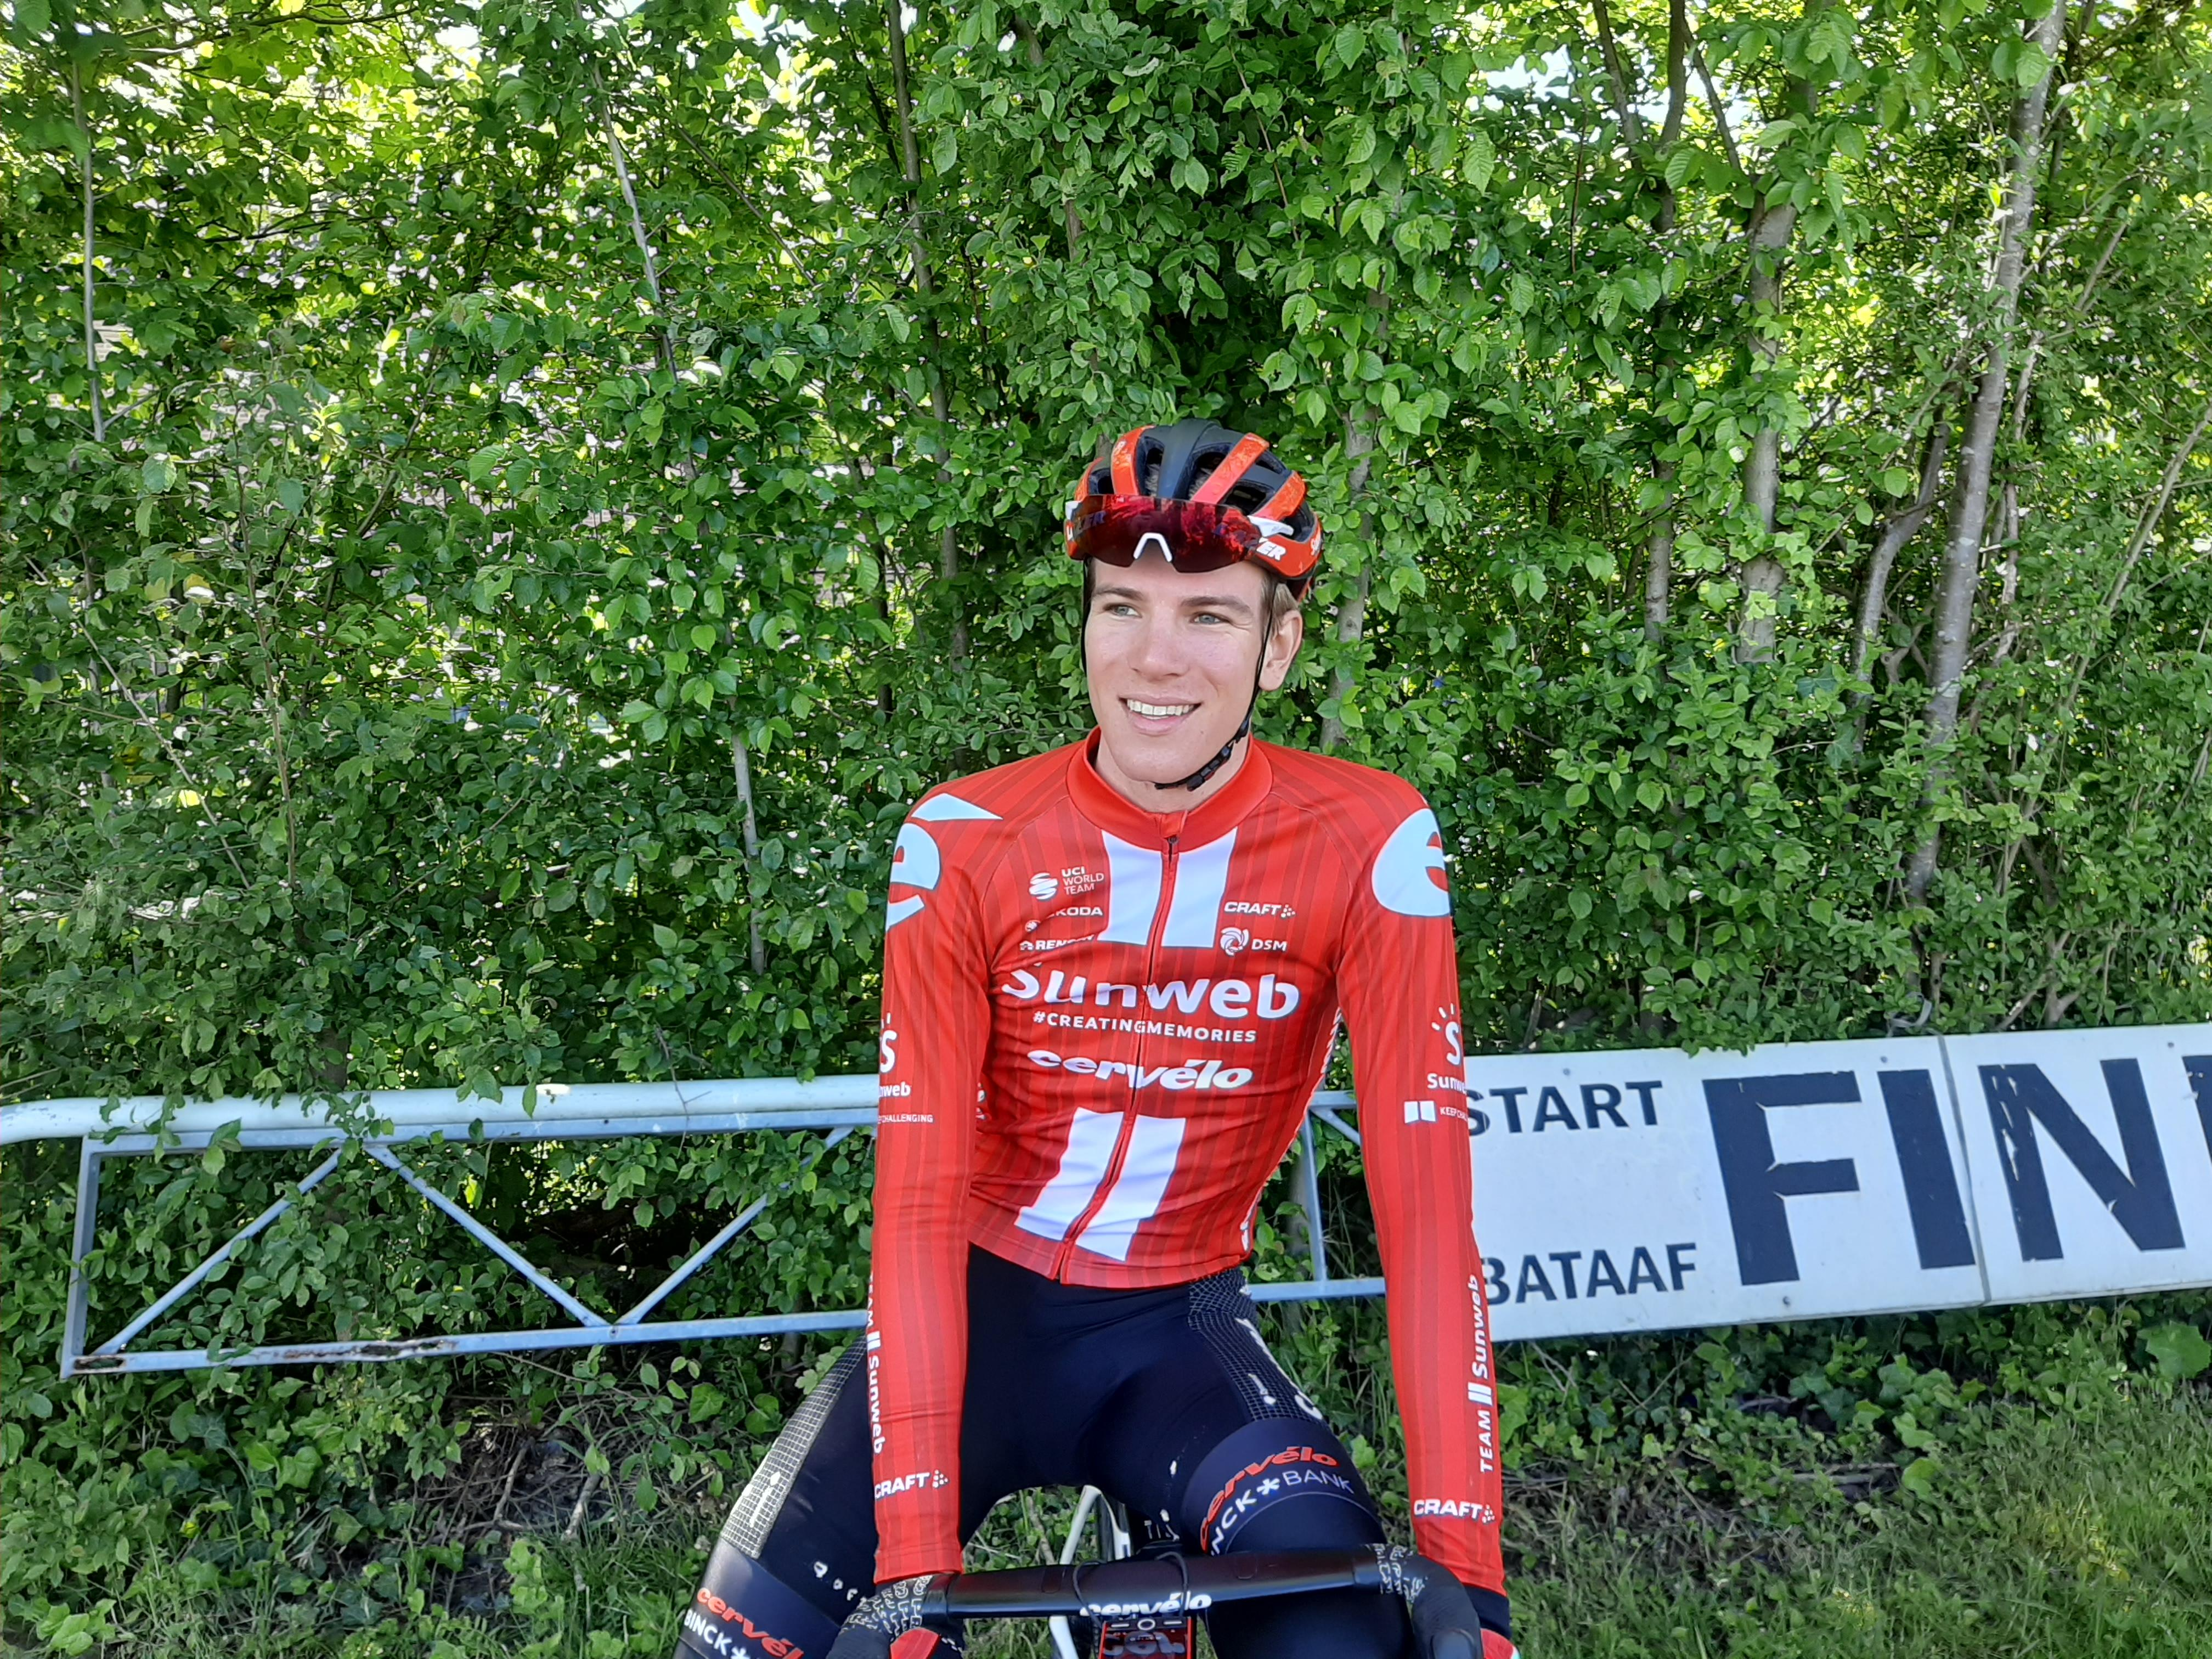 Nils Eekhoff: 'Ik had me echt verheugd om in april de echte Parijs-Roubaix te rijden'